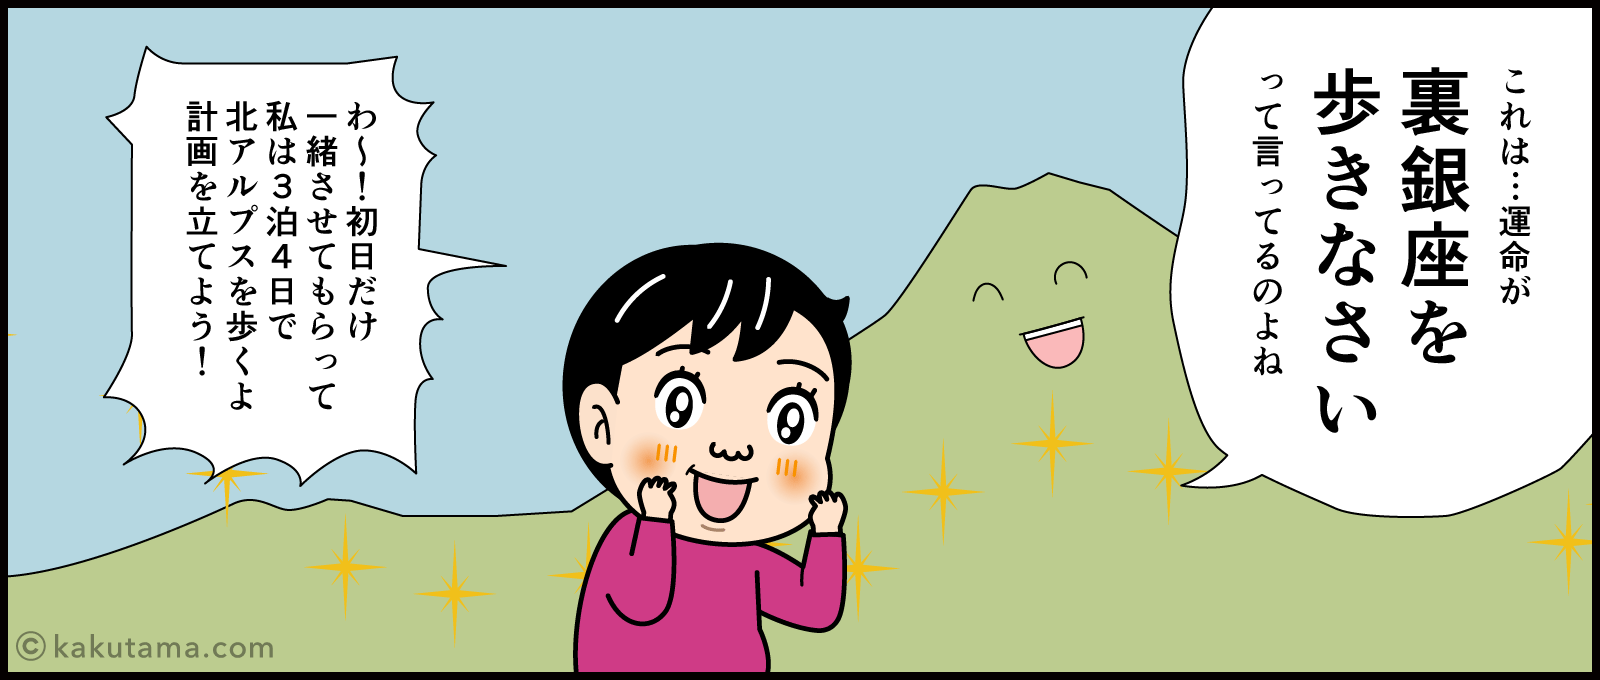 裏銀座を歩くべきと思う登山者の漫画